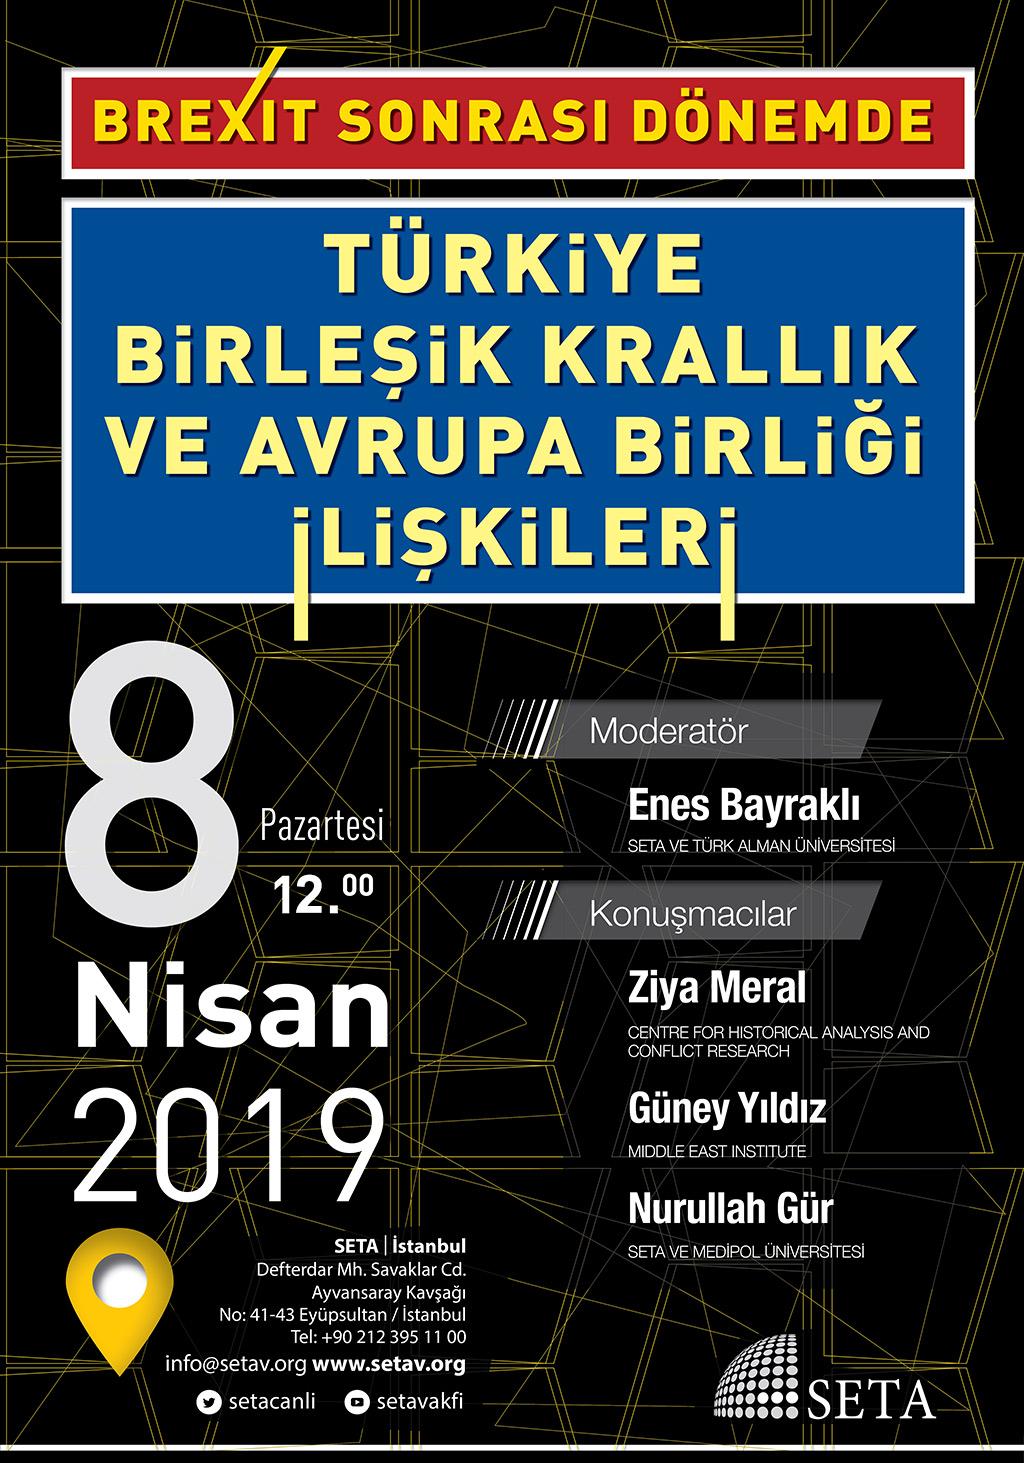 Panel :Brexit Sonrası Dönemde Türkiye, Birleşik Krallık ve Avrupa Birliği İlişkileri